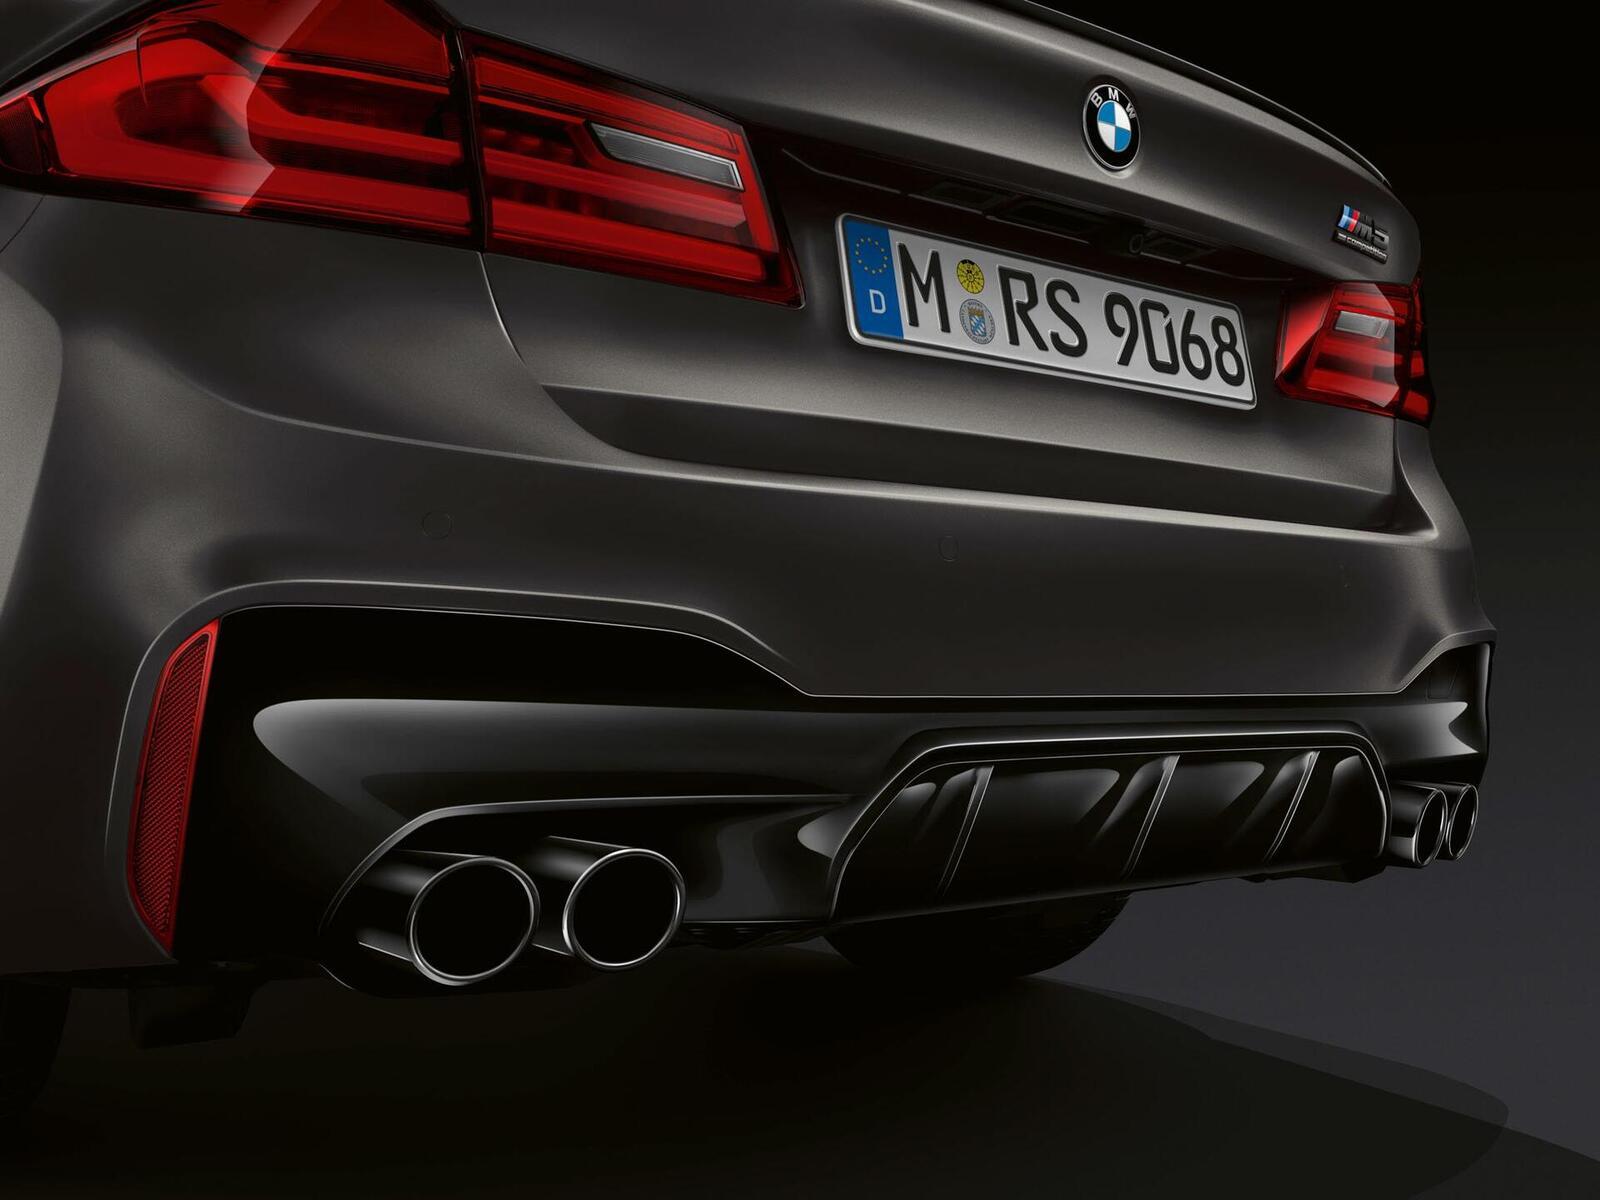 """Phiên bản đặc biệt của BMW tên M5 """"Edition 35 Jahre"""" được sản xuất giới hạn chỉ 350 chiếc - Hình 3"""